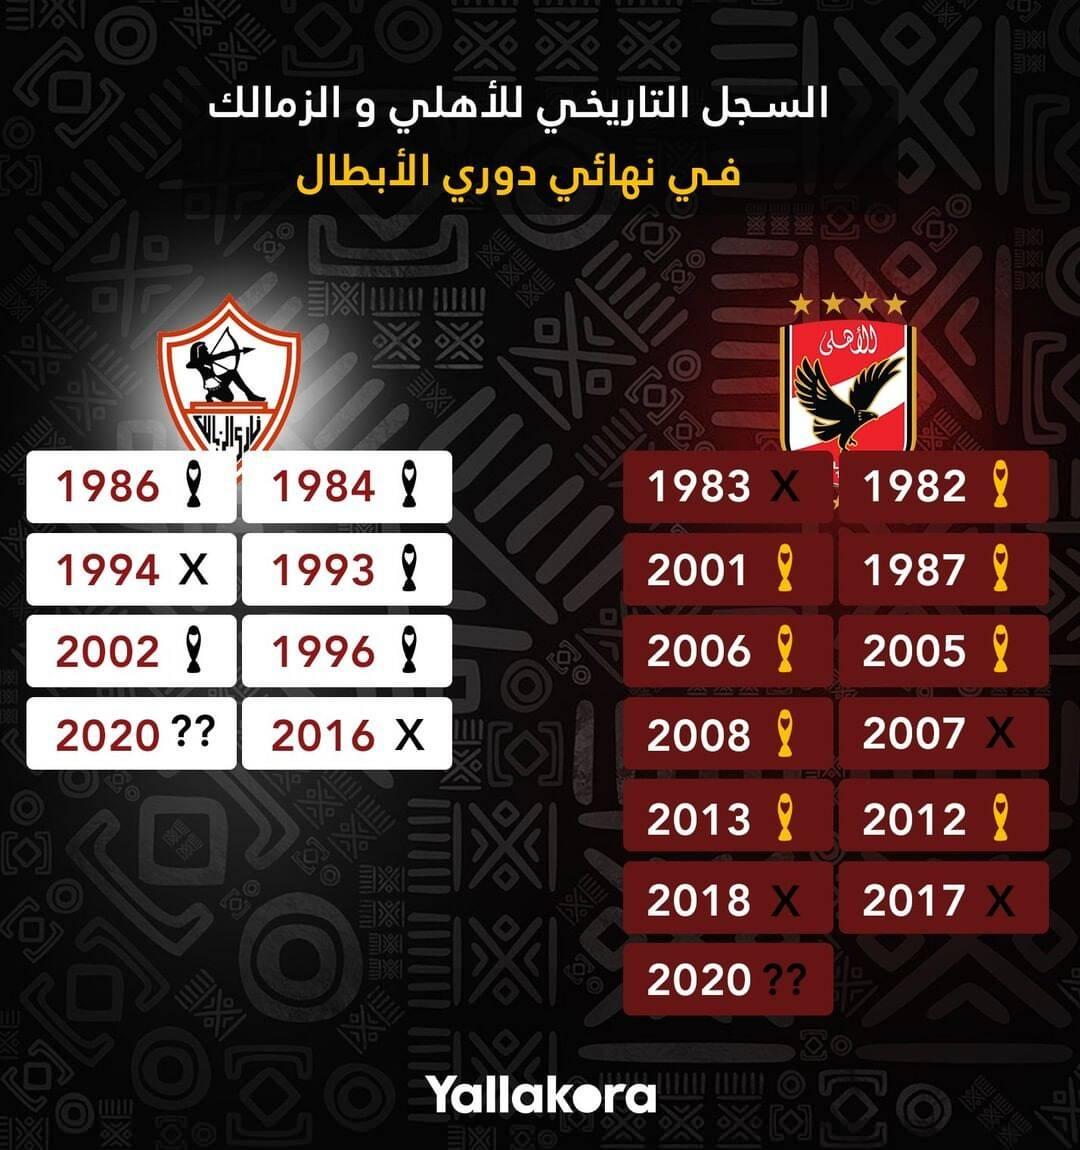 Khalid Almallahi ' snap